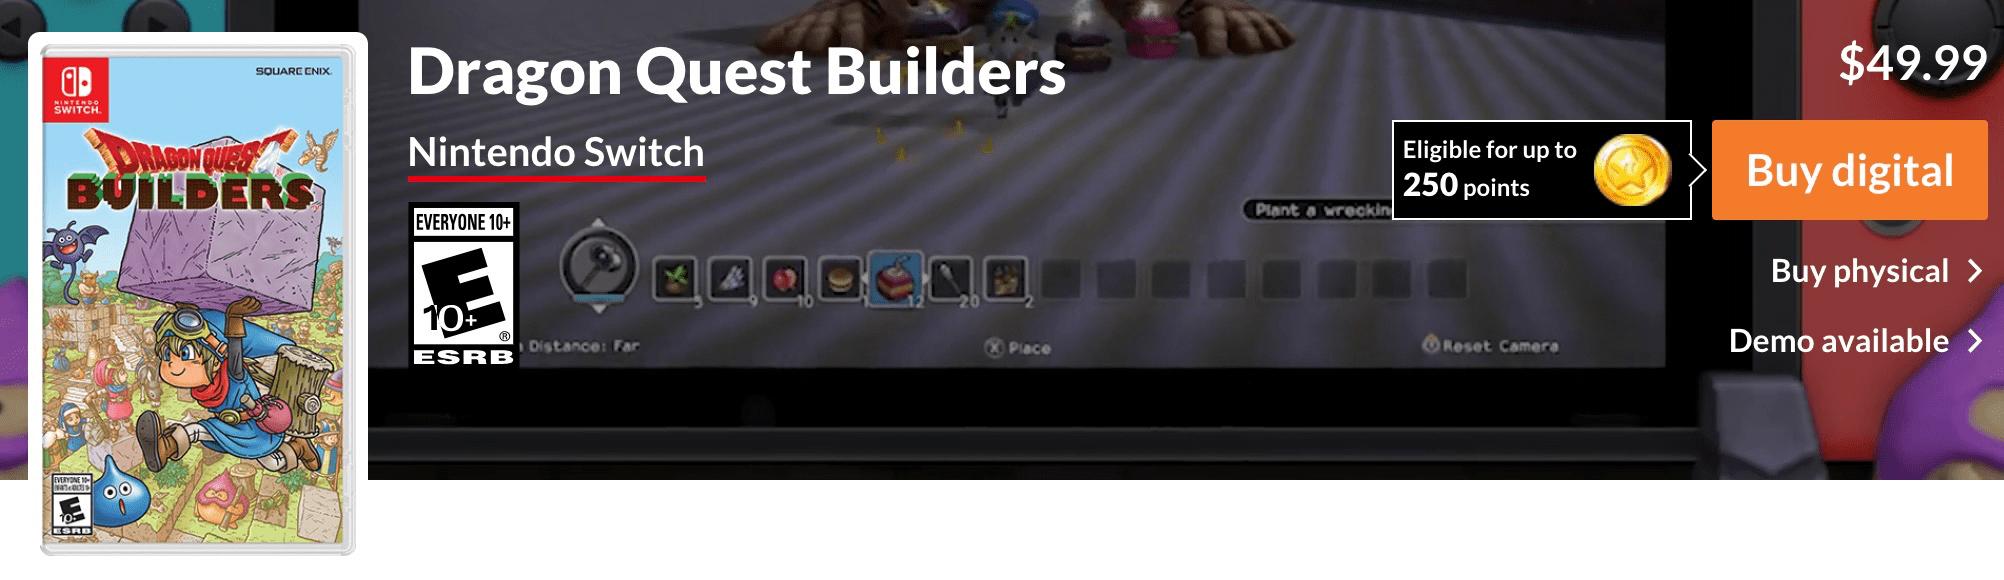 Descargar Juegos Para Switch En Web Es Muy Facil